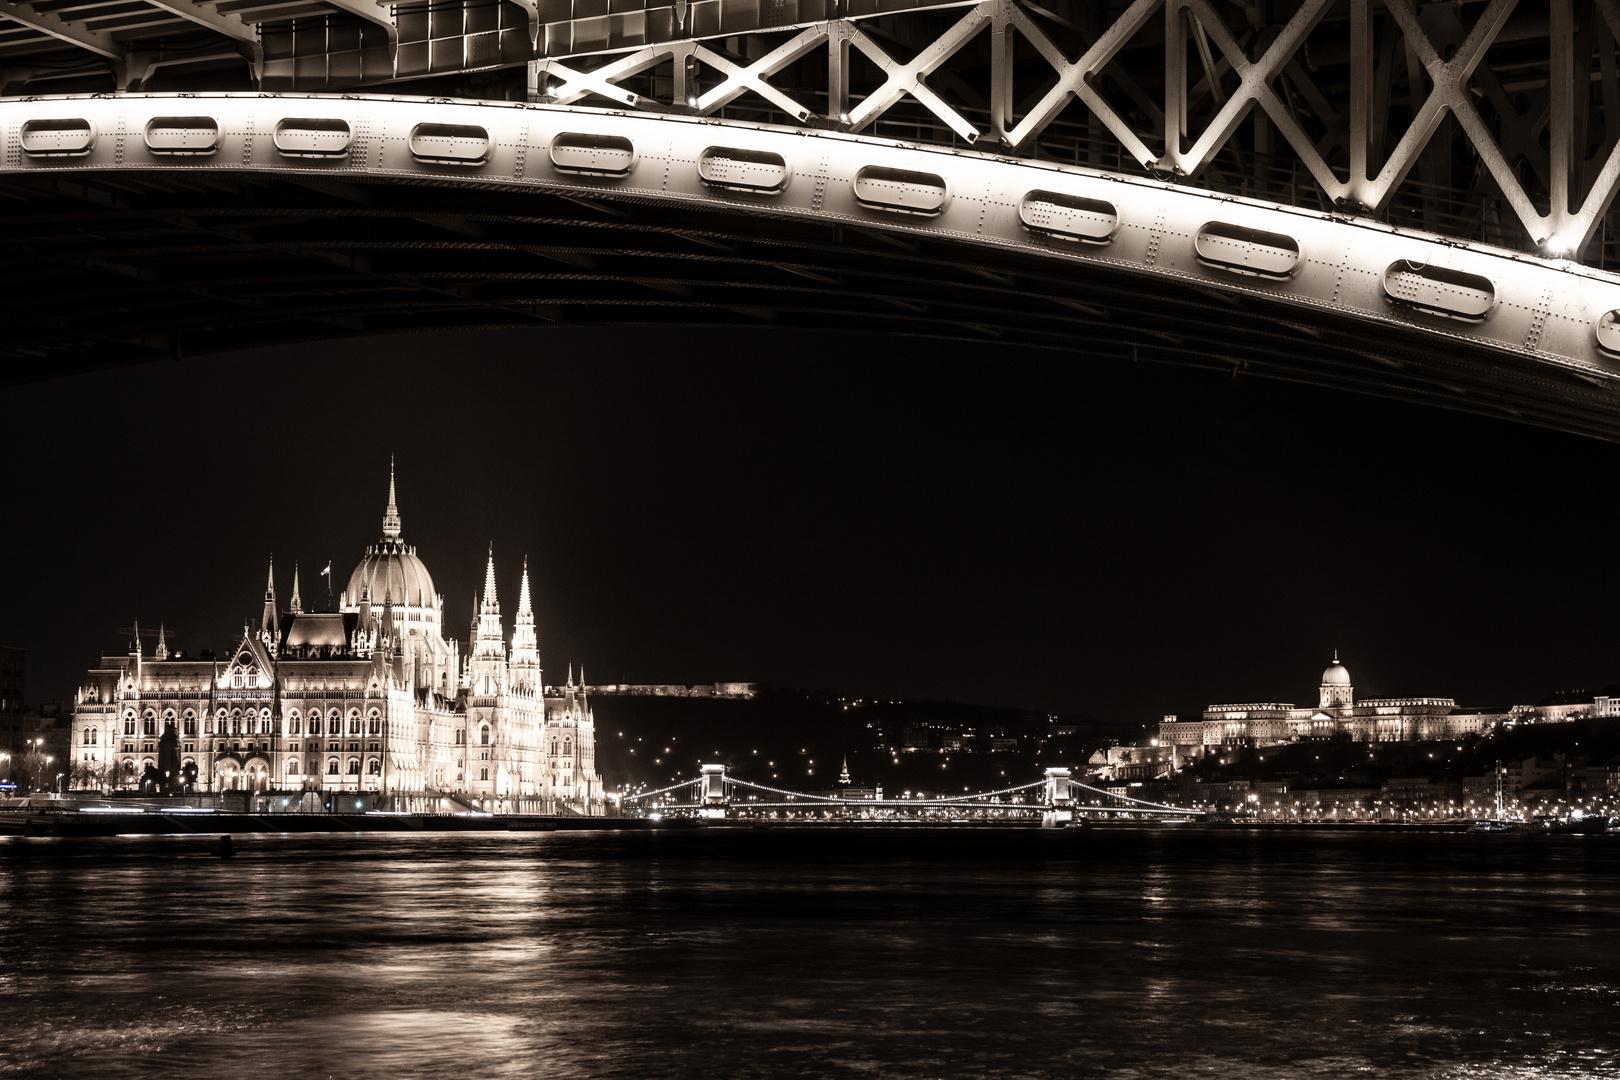 Budapest - Budavári Palota, Széchenyi Lánchíd, Országház